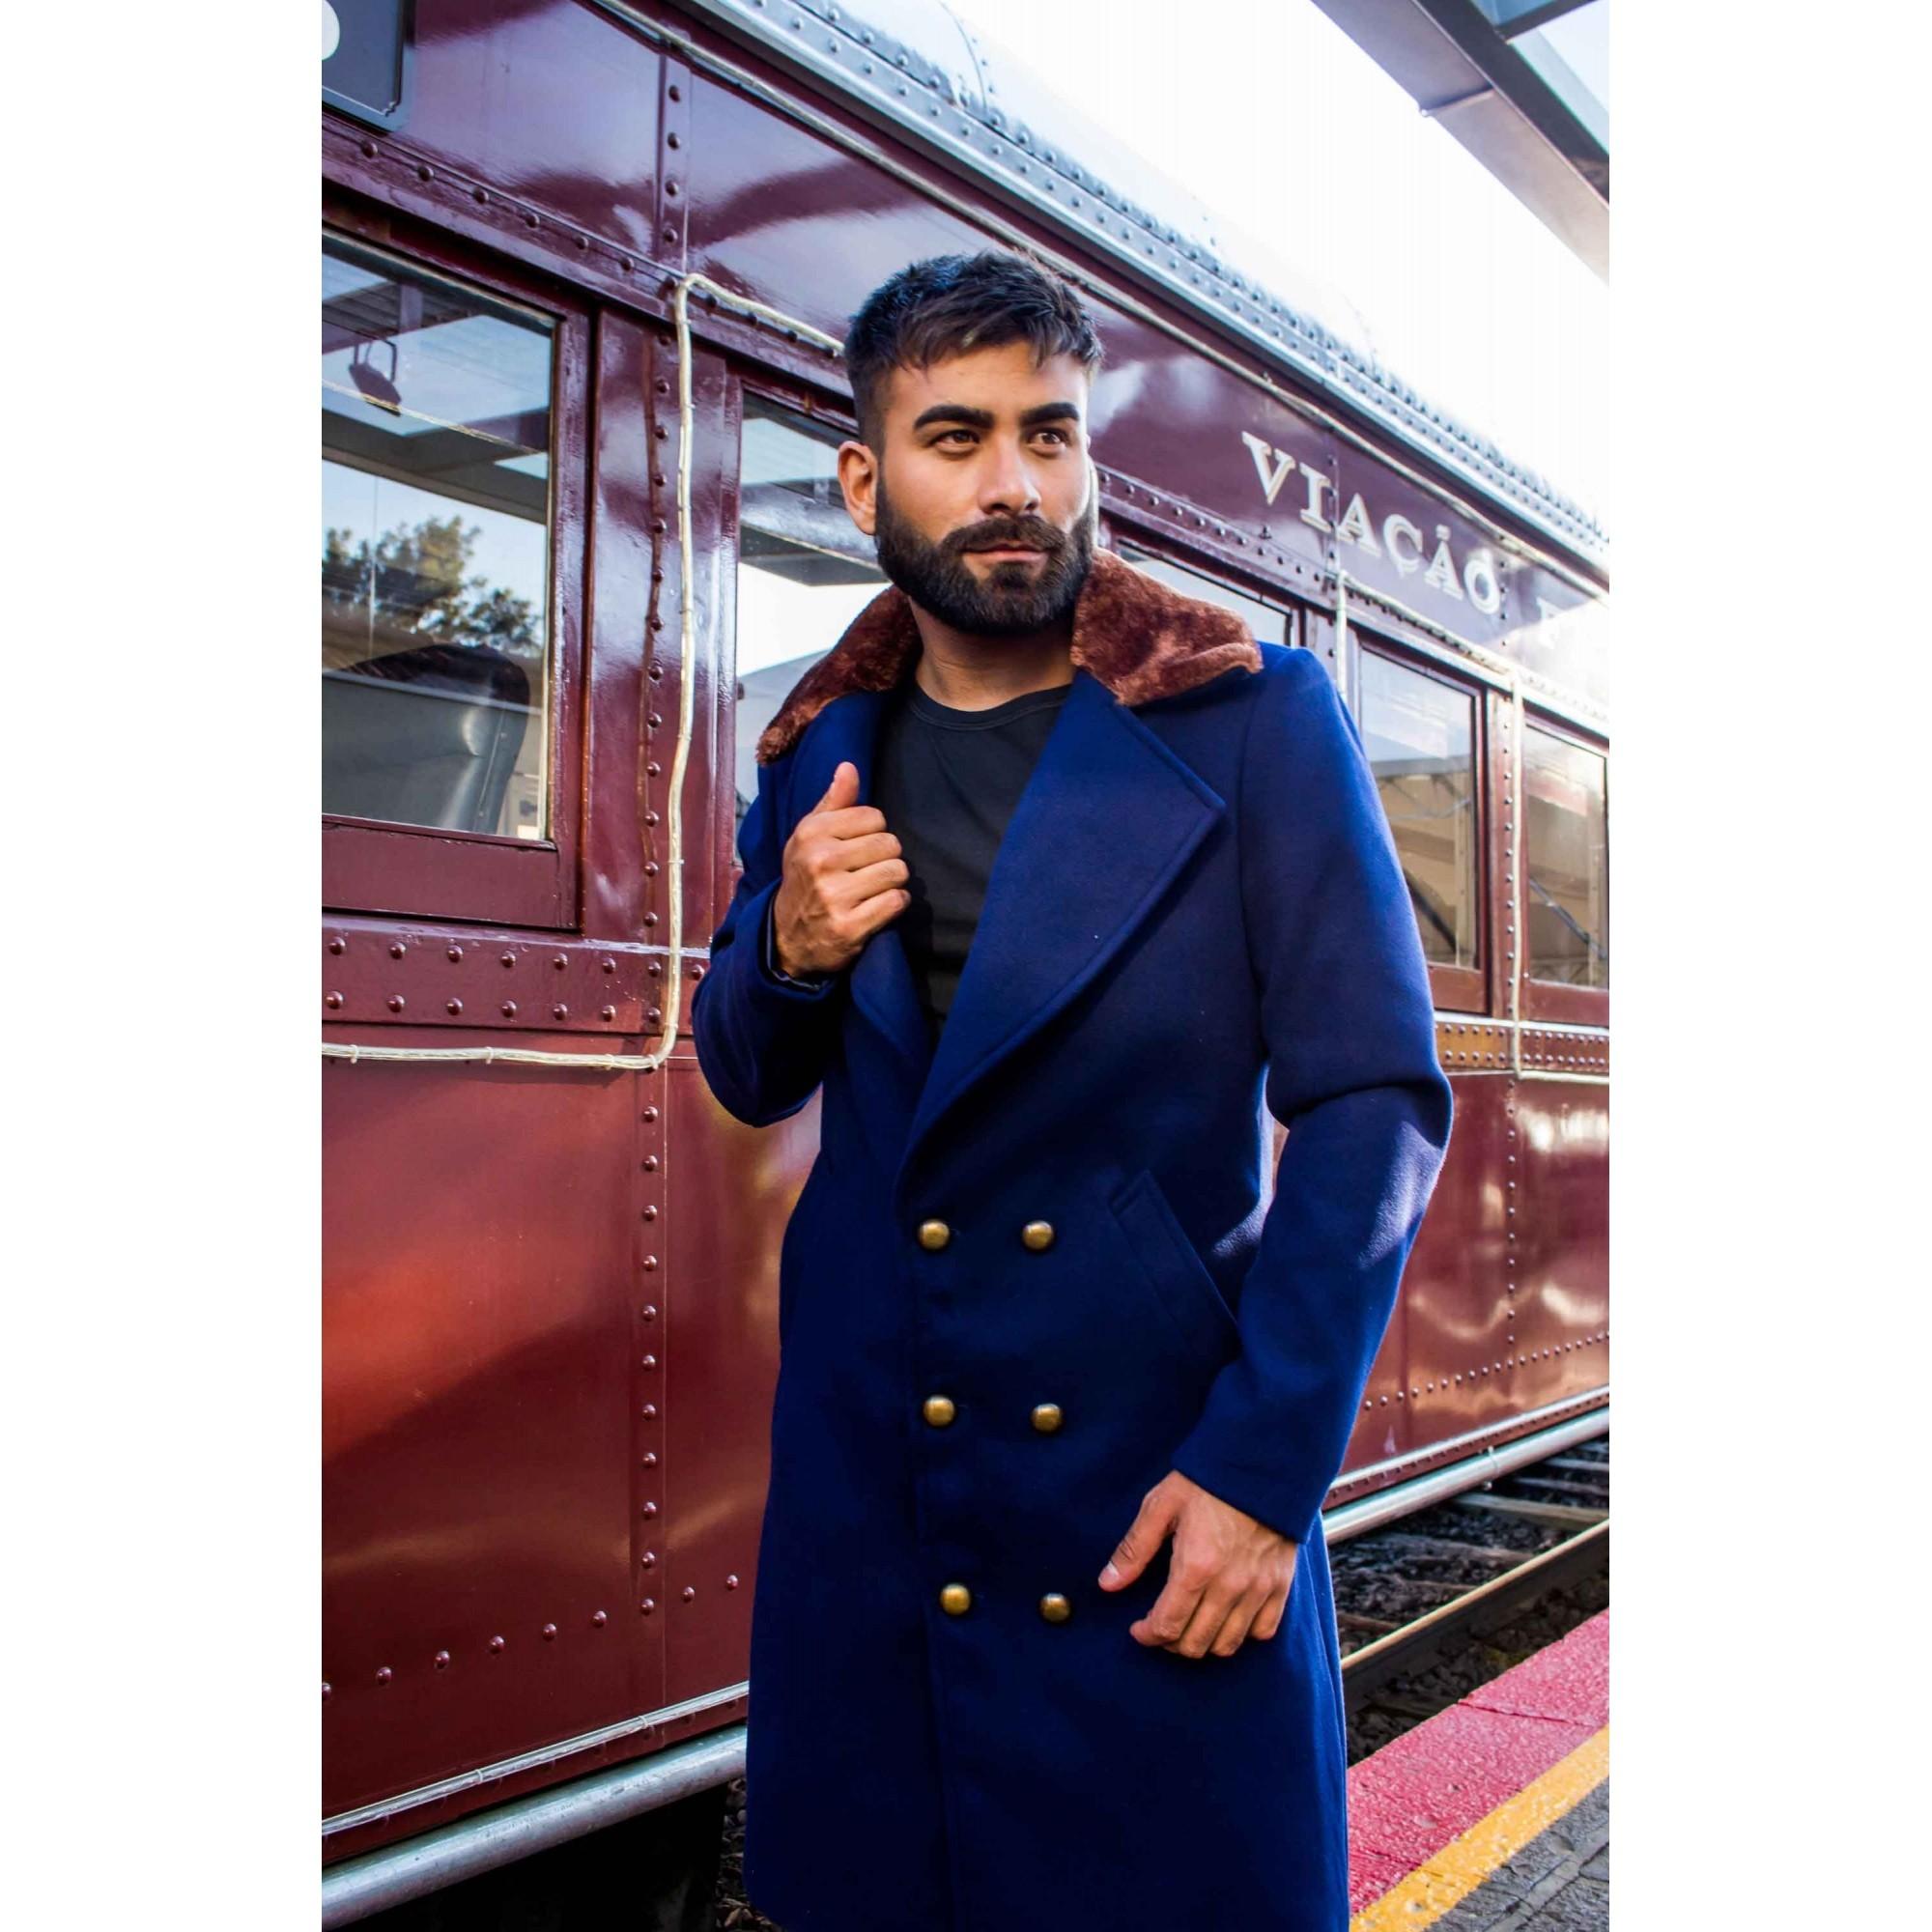 Sobretudo/Overcoat Masculino de Lã Azul Marinho com Gola em Pele